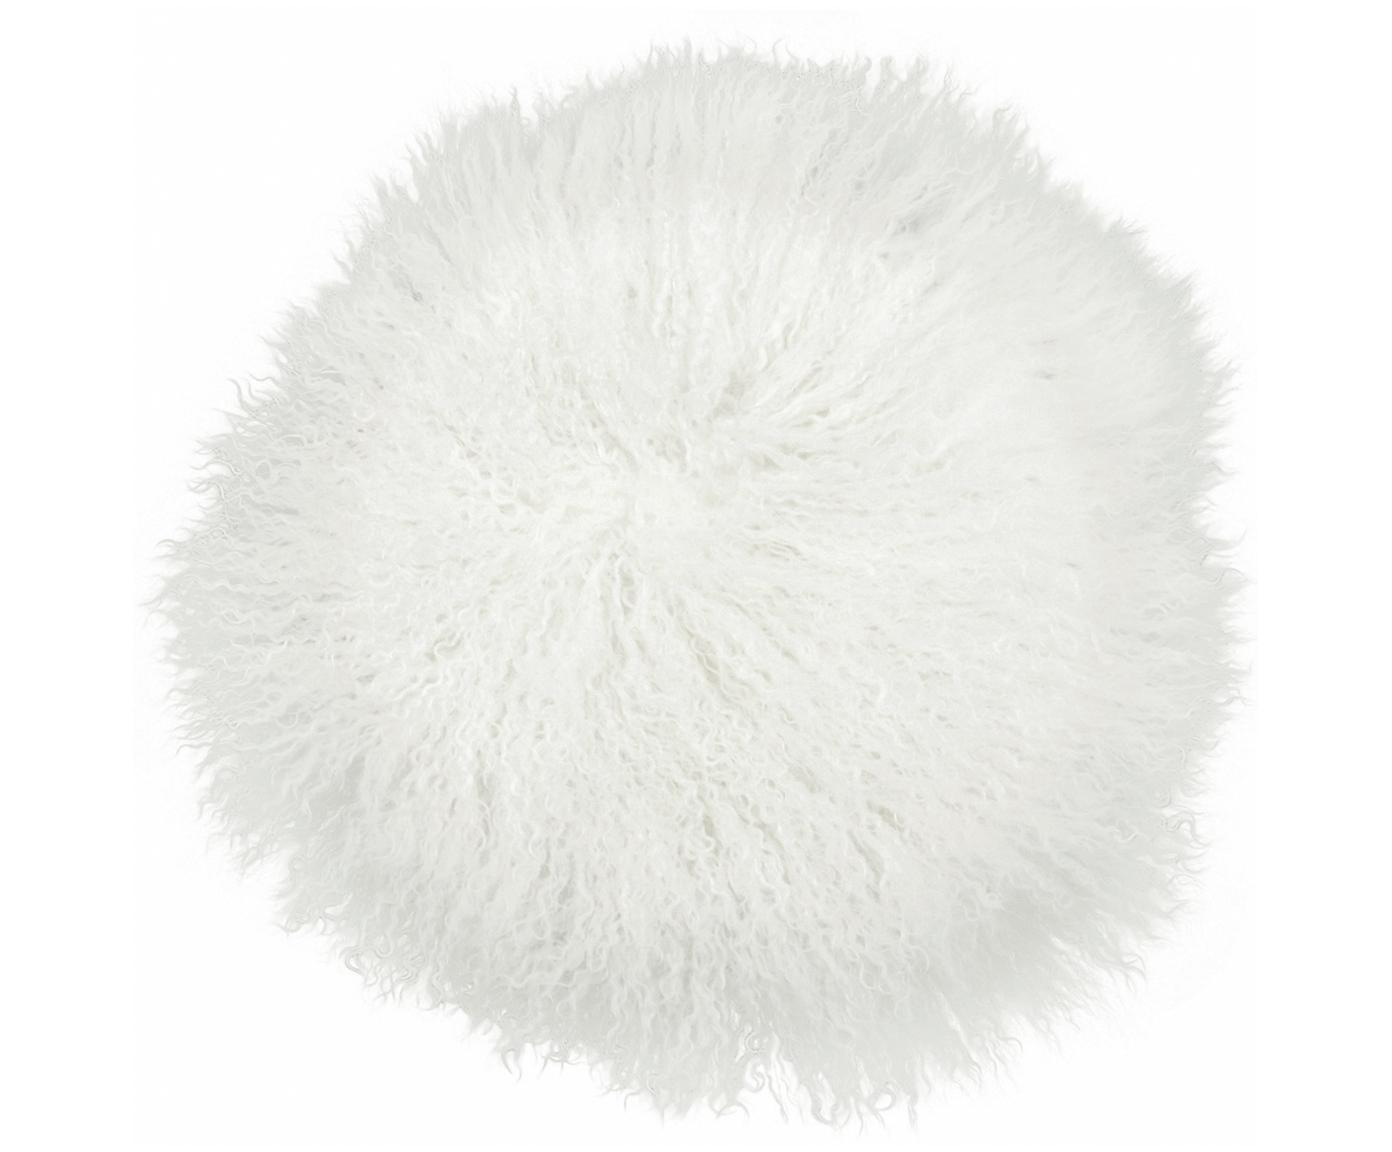 Rond zitkussen van langharige schapenvacht Ella, gekruld, Bovenzijde: 100% Mongoolse schapenvac, Onderzijde: 100% polyester, Gebroken wit, Ø 37 cm